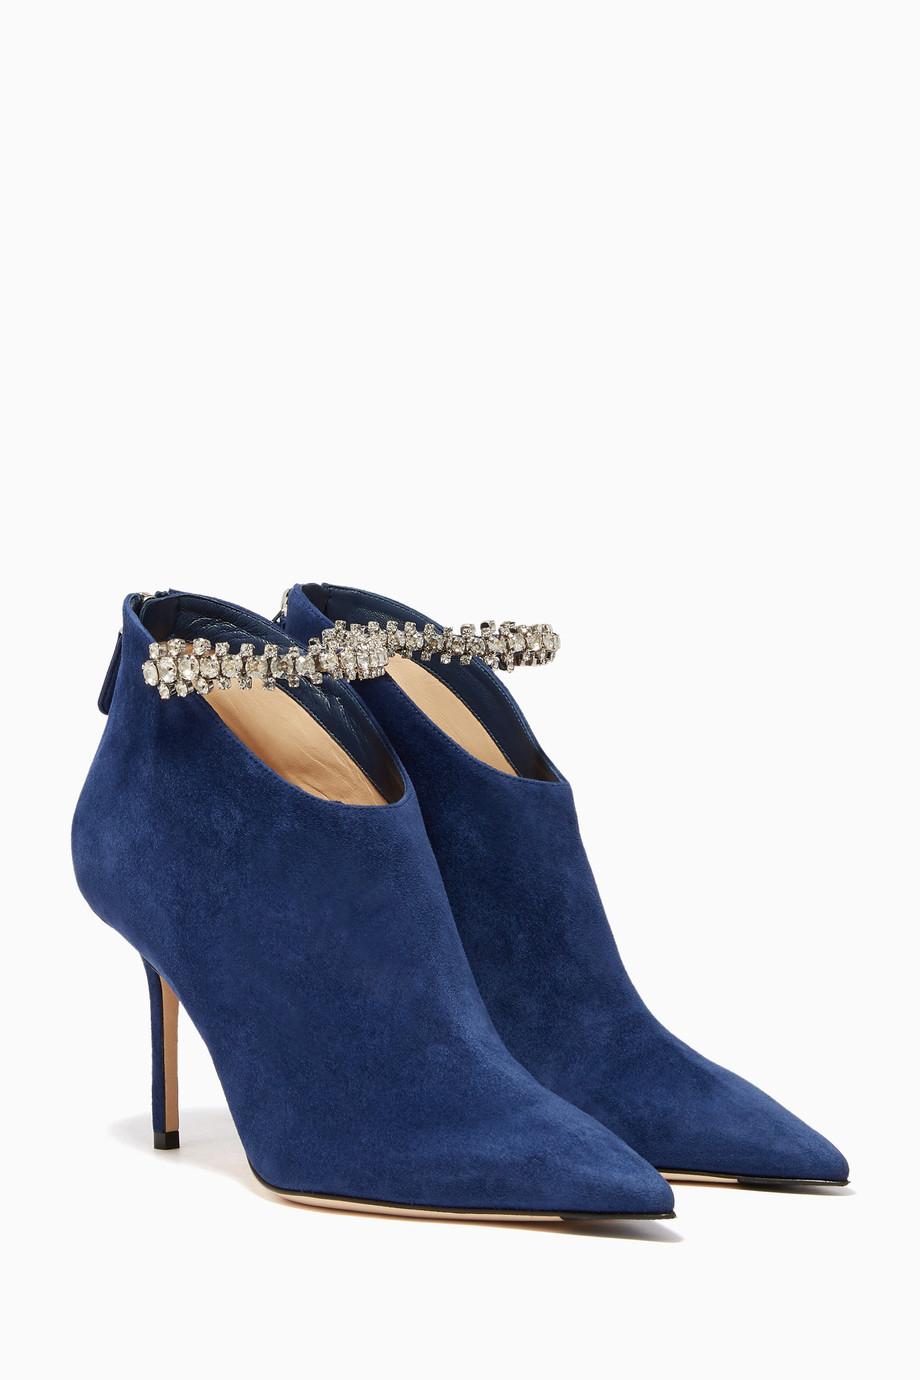 b348da06ba408 Shop Jimmy Choo Blue Pop-Blue Suede Blaize Booties for Women | Ounass